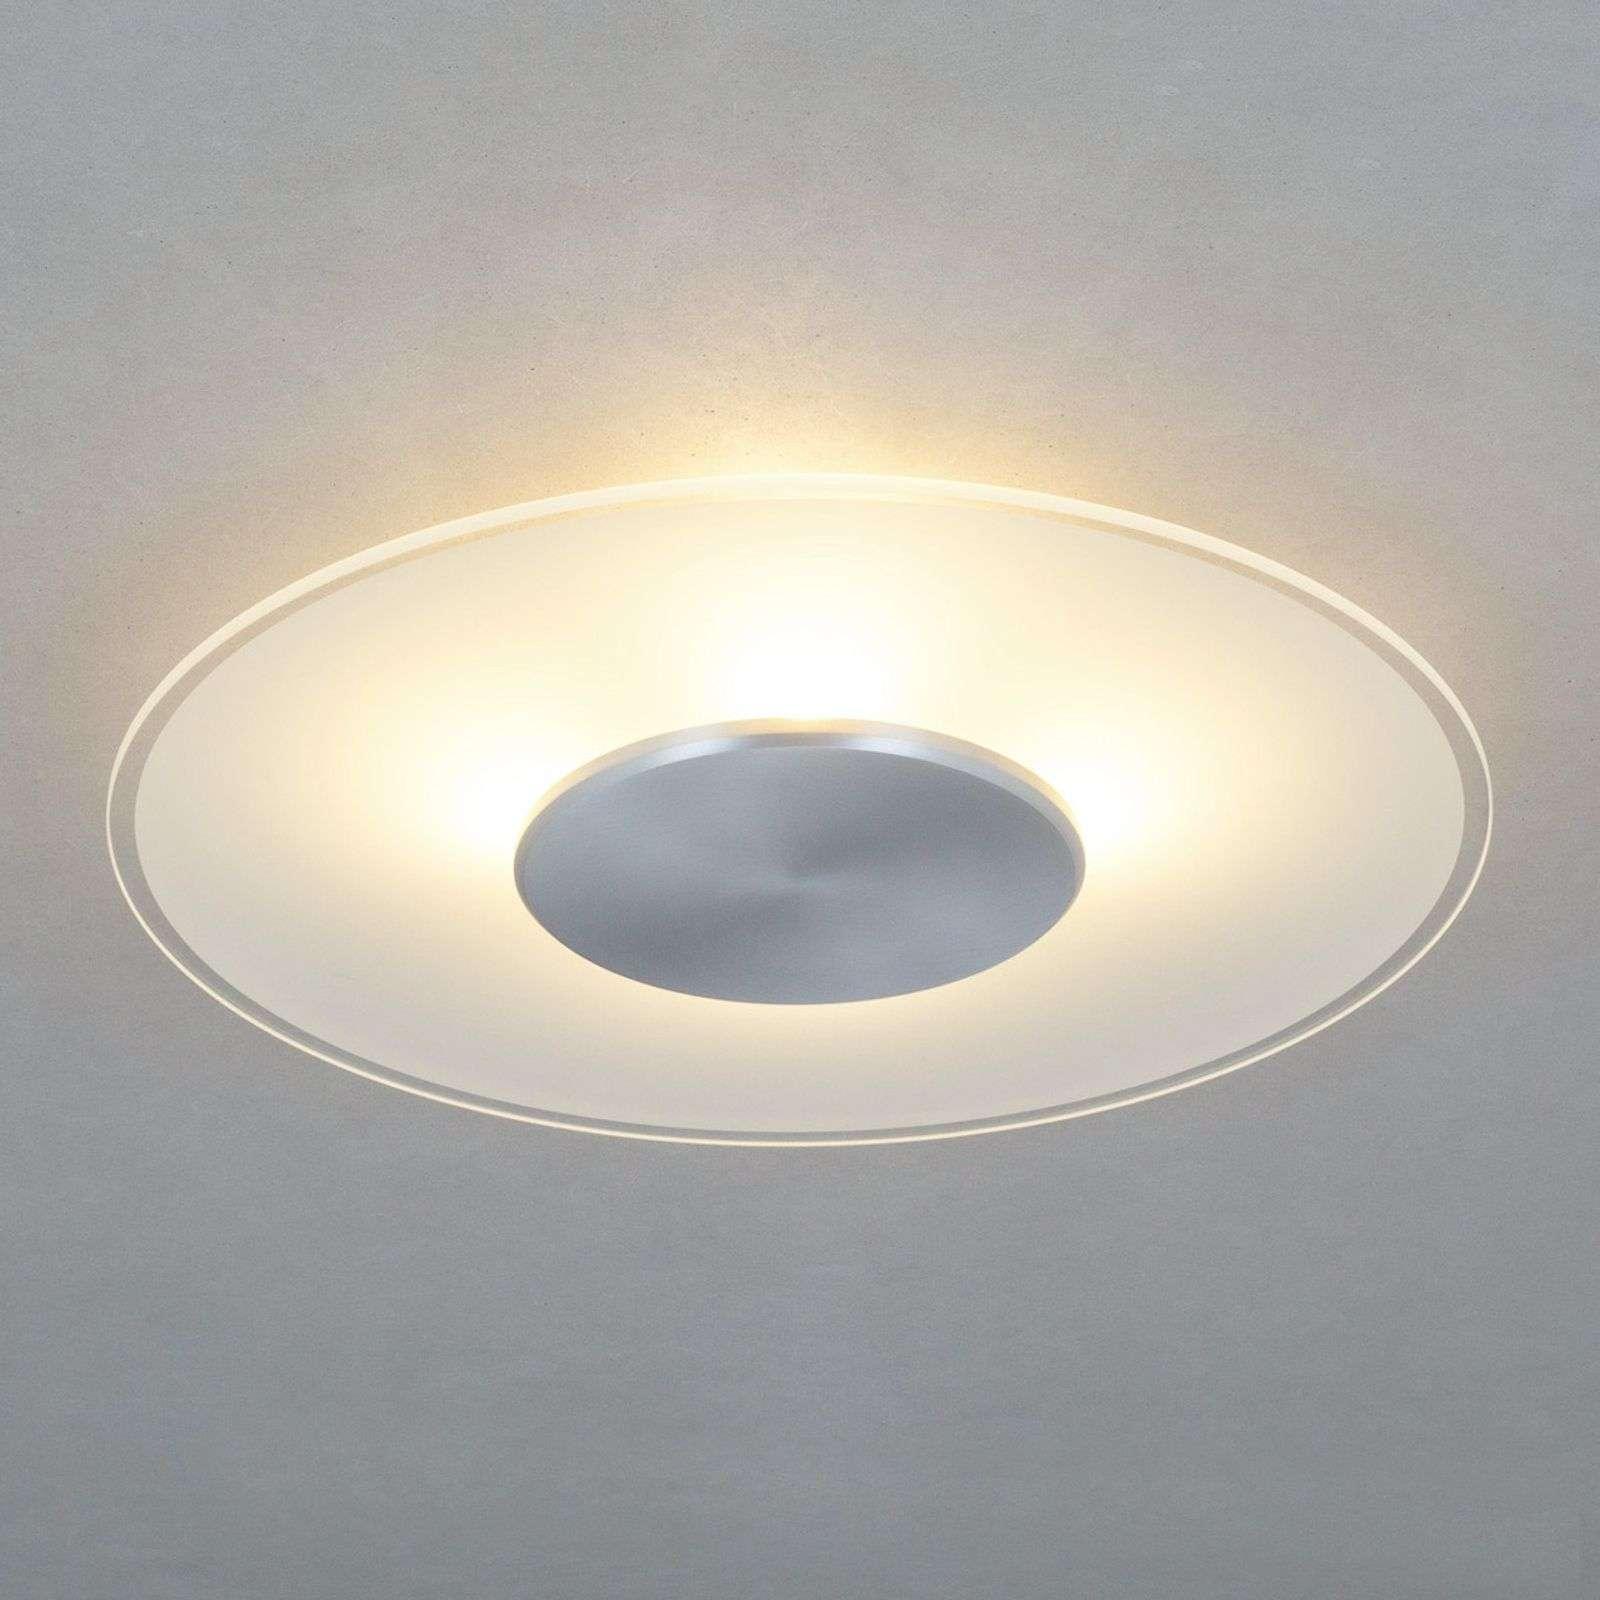 Lampenwelt.com Lampada da soffitto LED Dora, prodotta in Germania